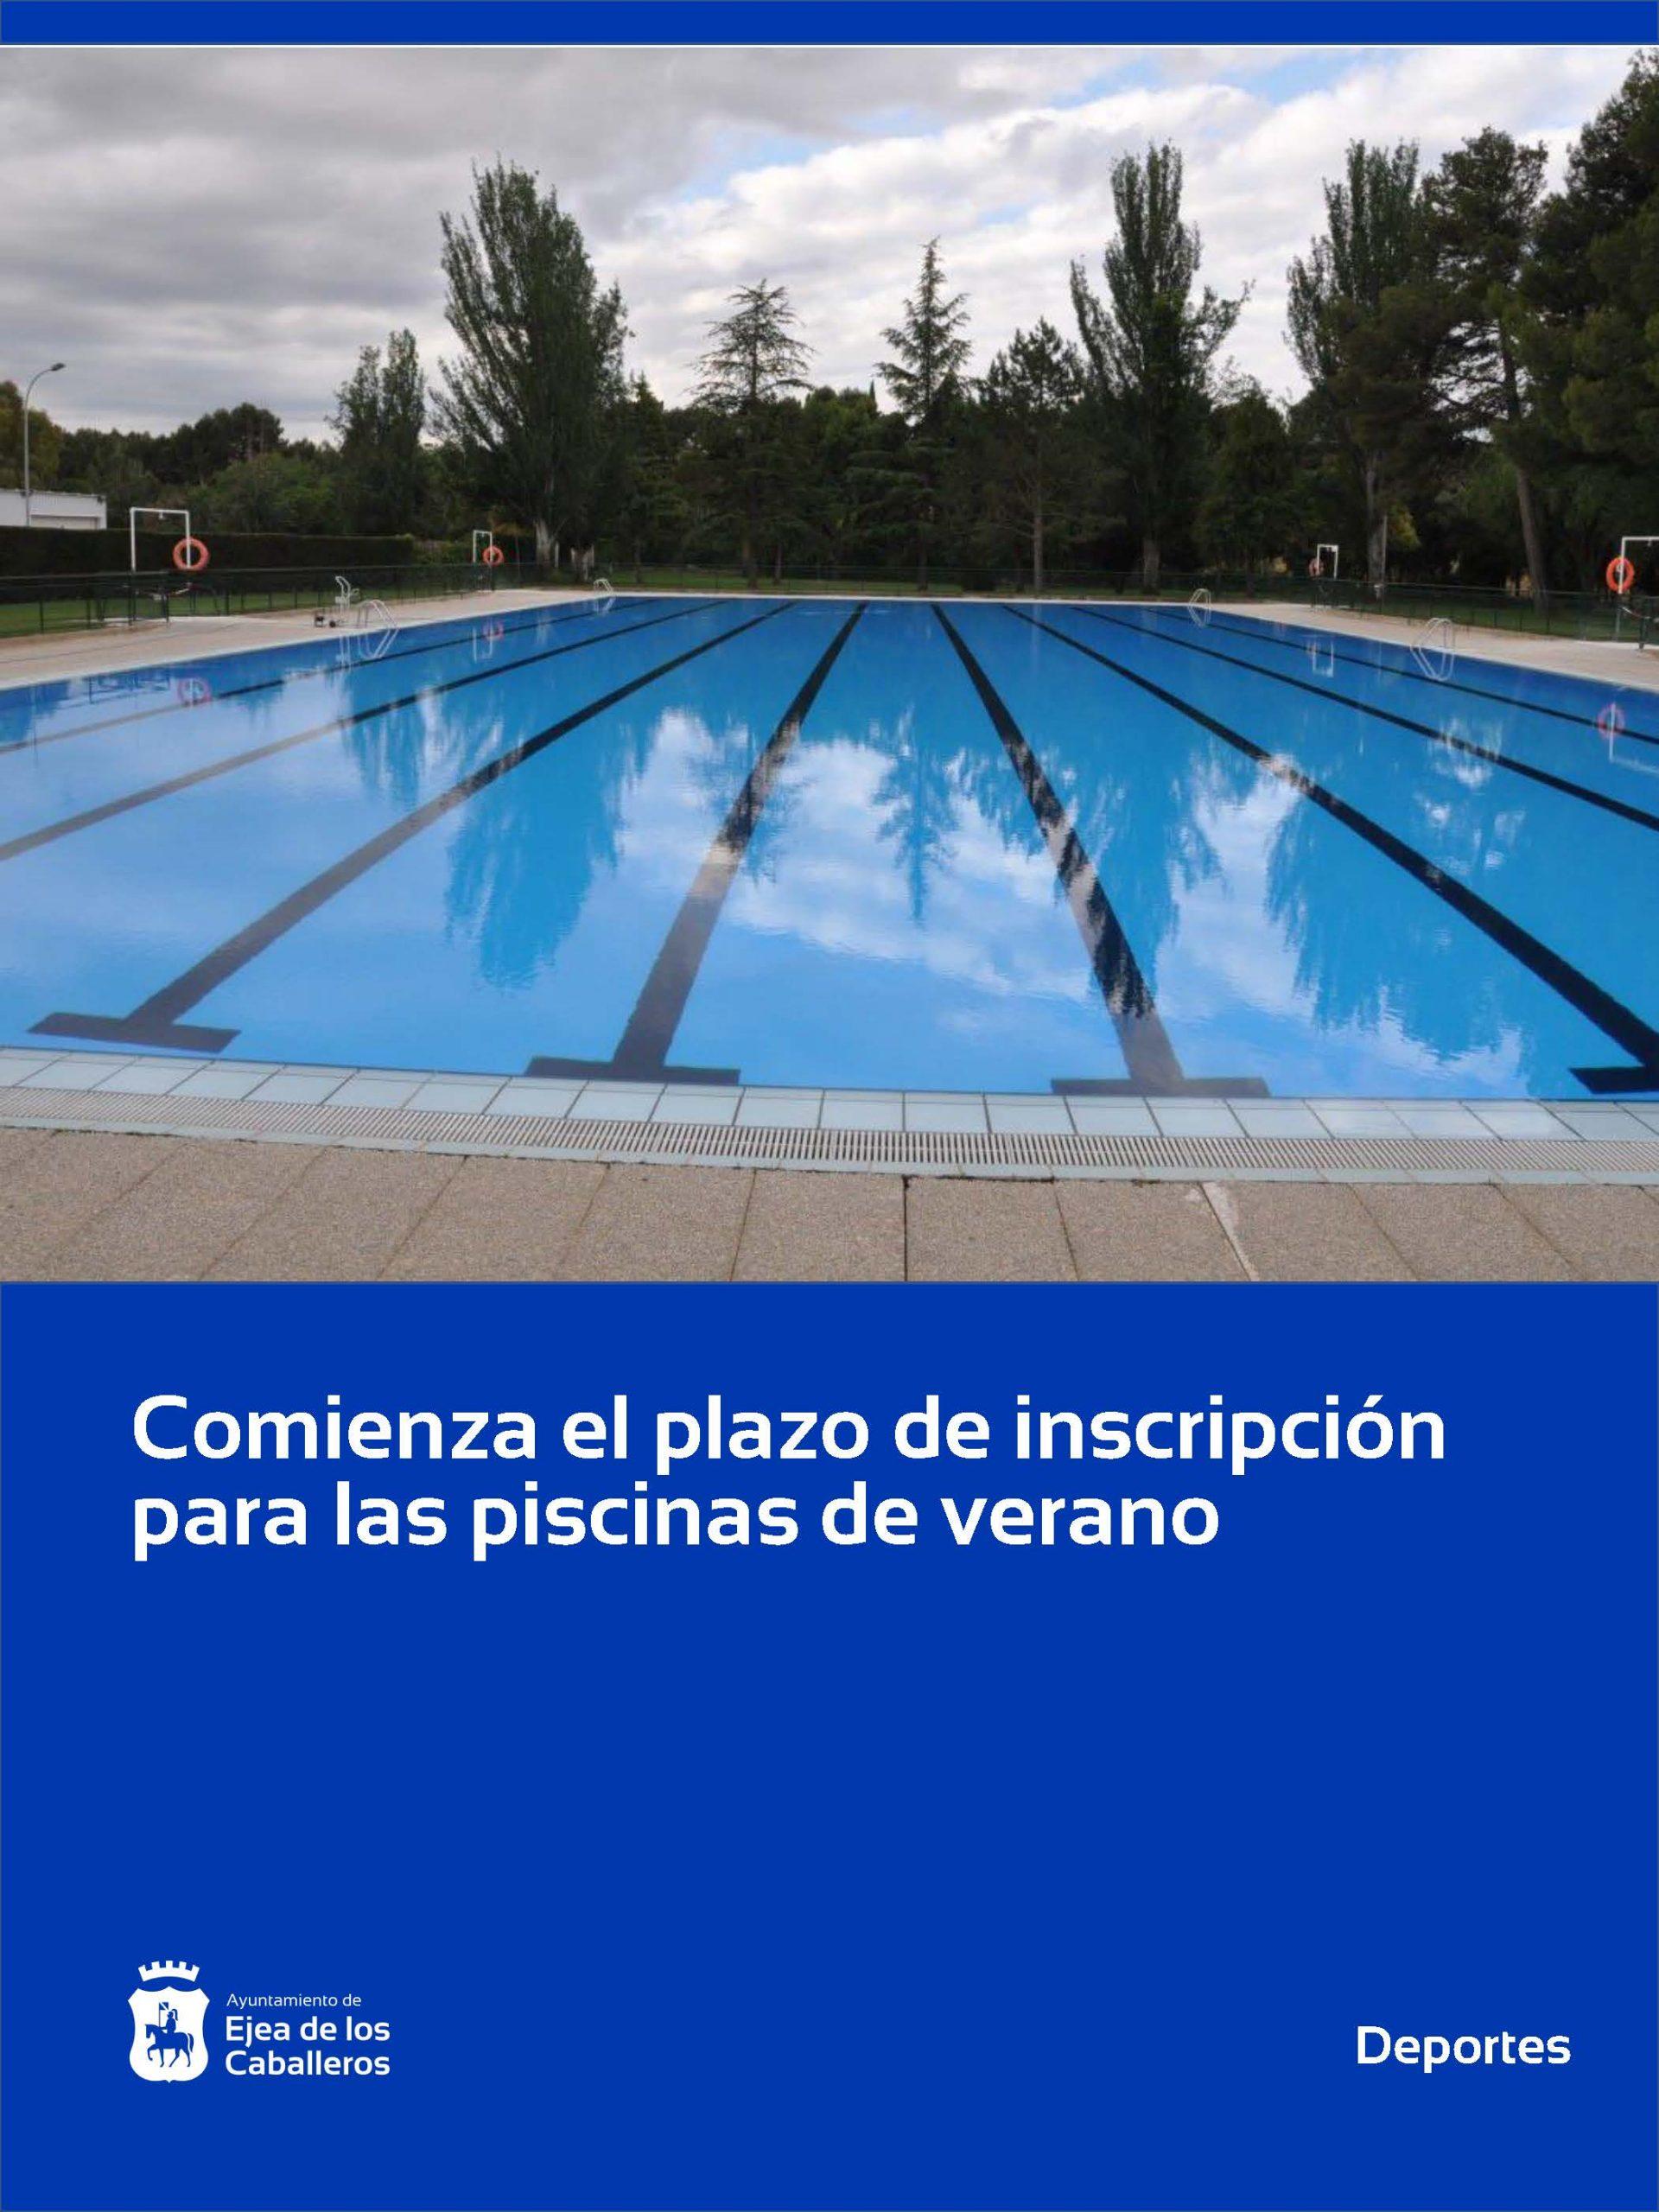 Comienza el plazo de inscripción a las piscinas de Ejea de los Caballeros y sus Pueblos